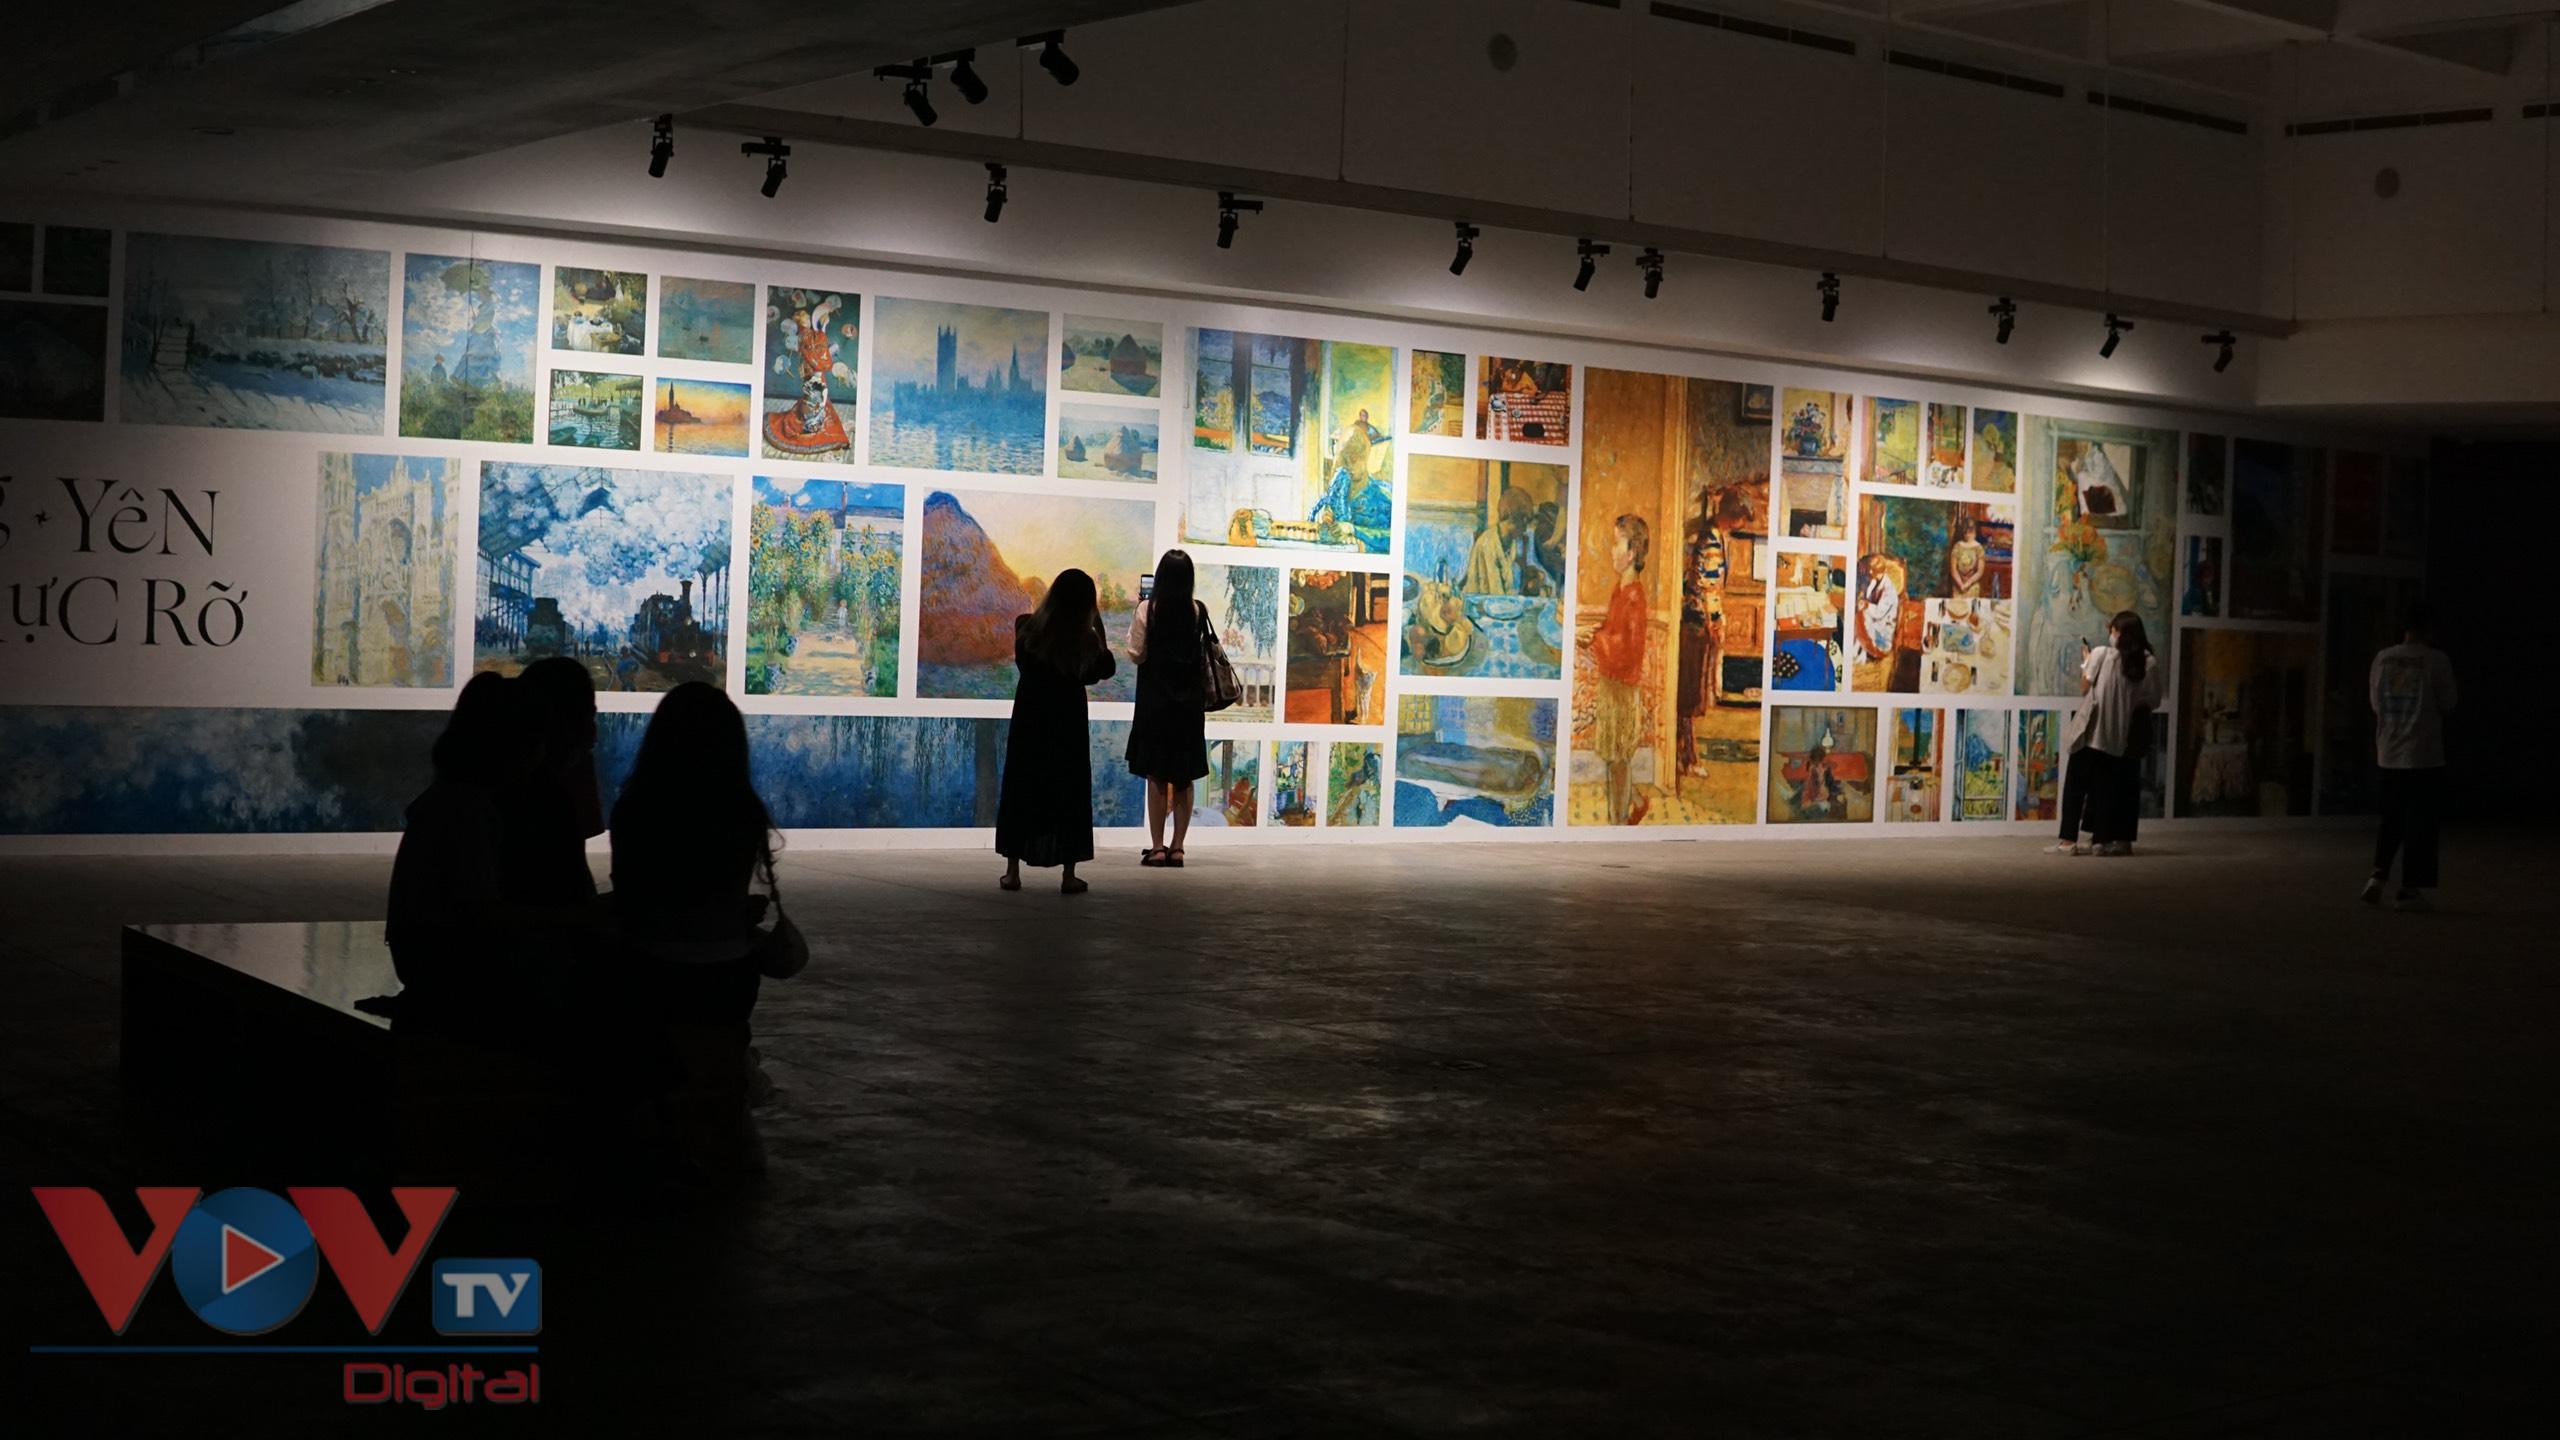 'Lặng yên rực rỡ': Cuộc chu du trong thế giới nghệ thuật - Ảnh 8.